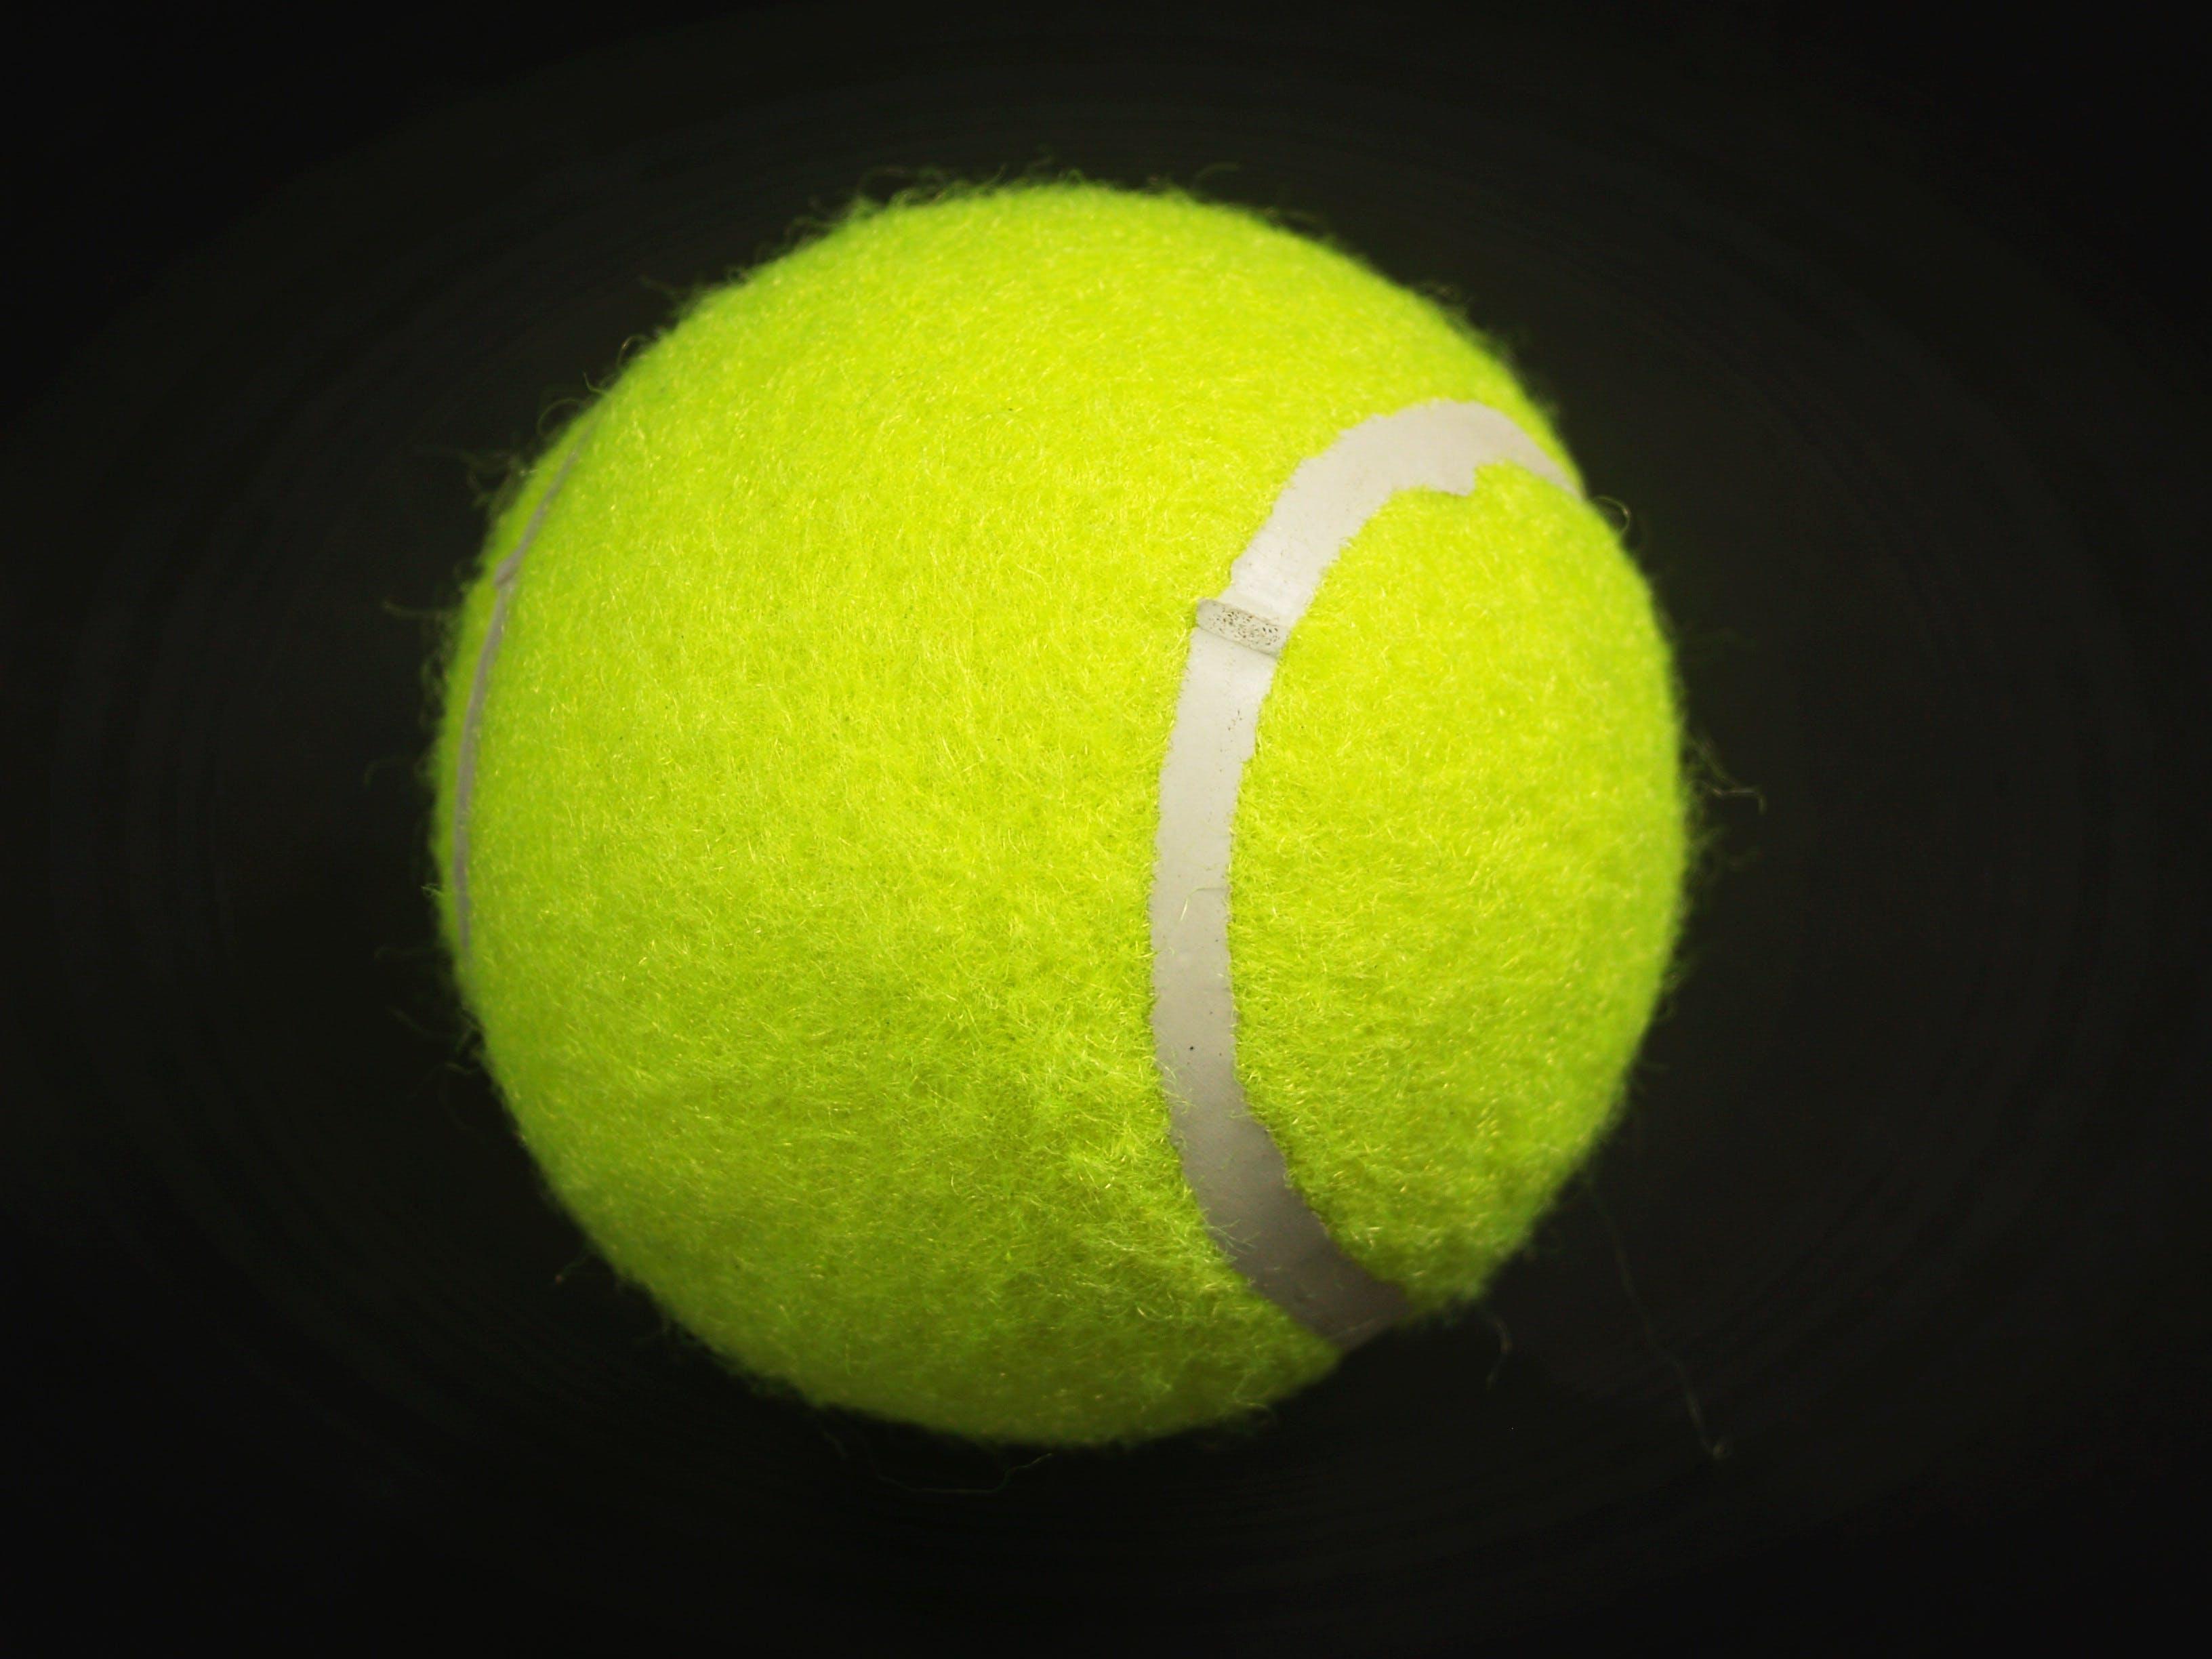 về bắn, bóng tennis, các môn thể thao, cạnh tranh